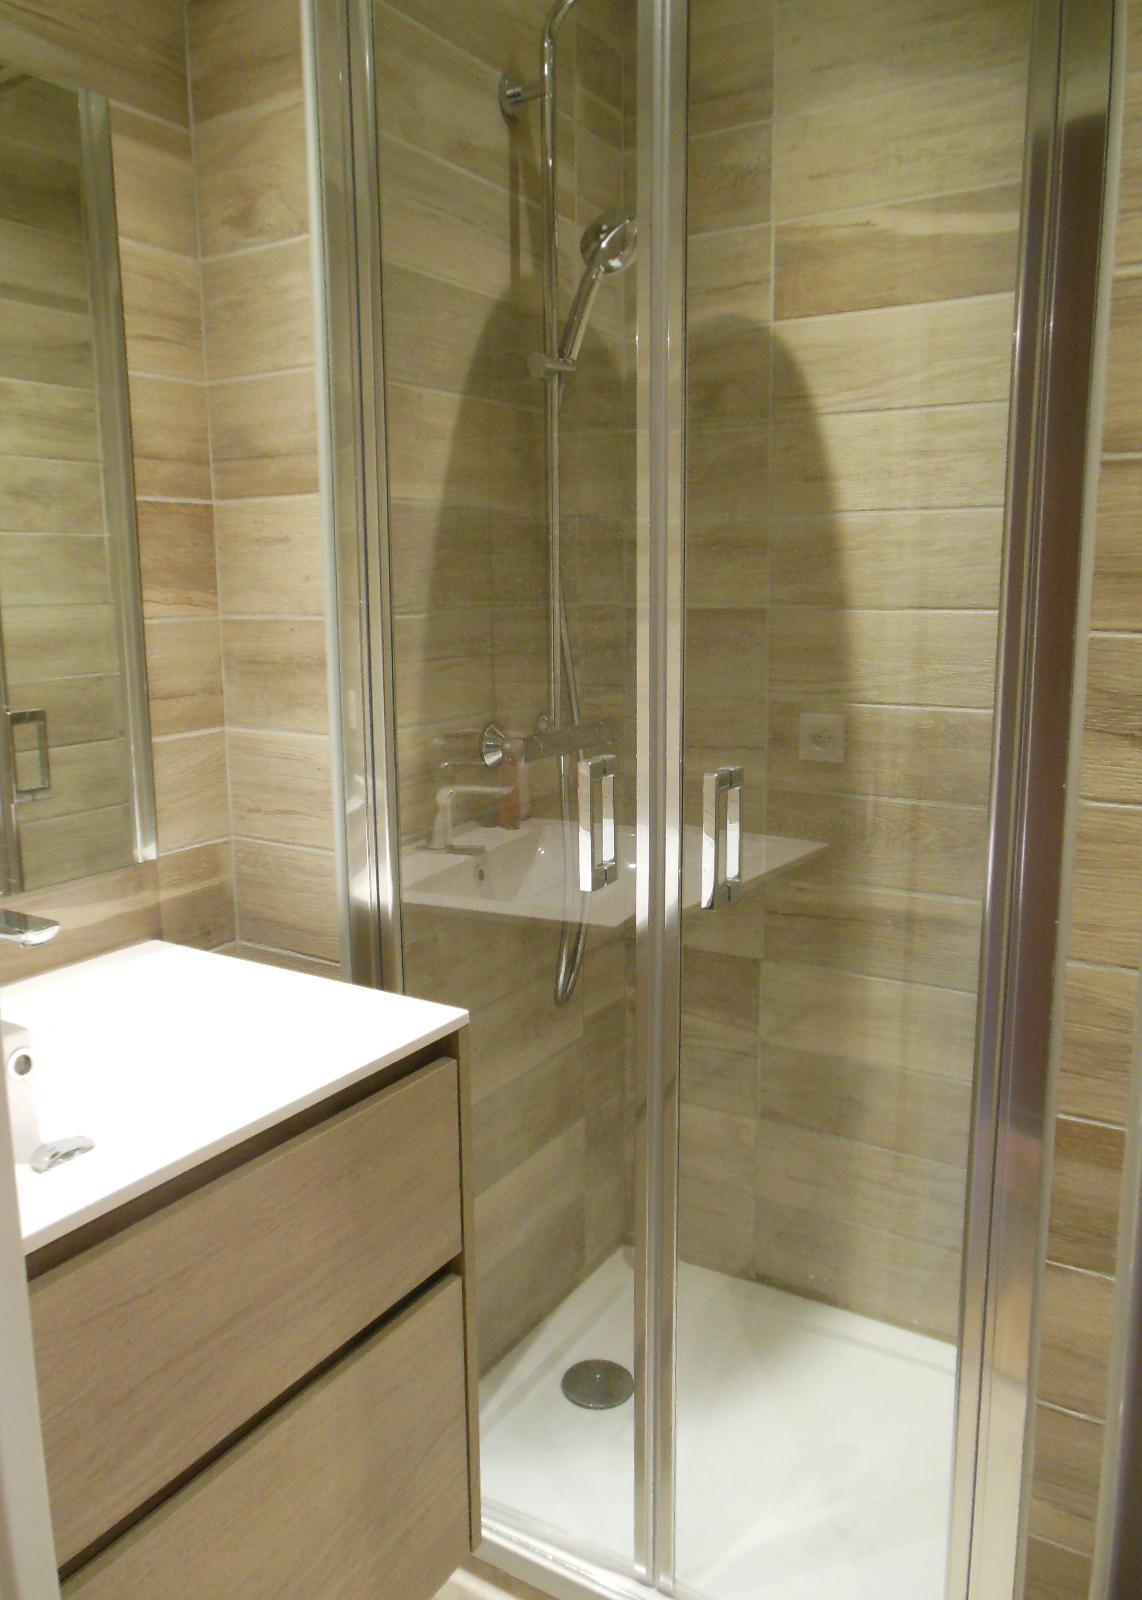 salle de bain rénovation douche avec bac